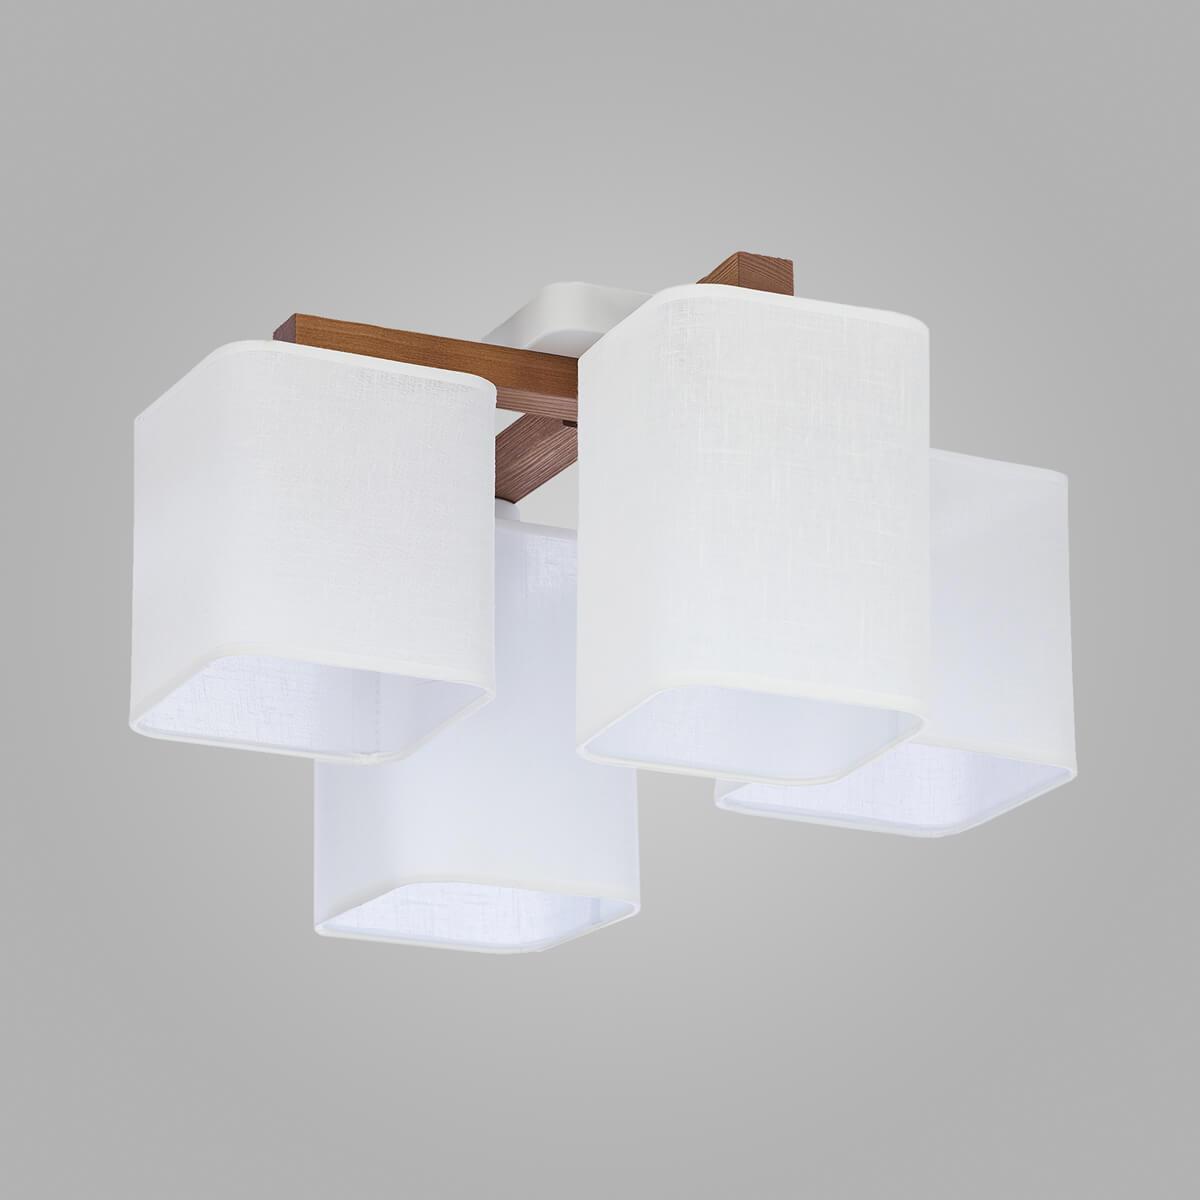 Фото - Светильник TK Lighting 4163 Tora White Tora White светильник tk lighting 2574 carmen white carmen white